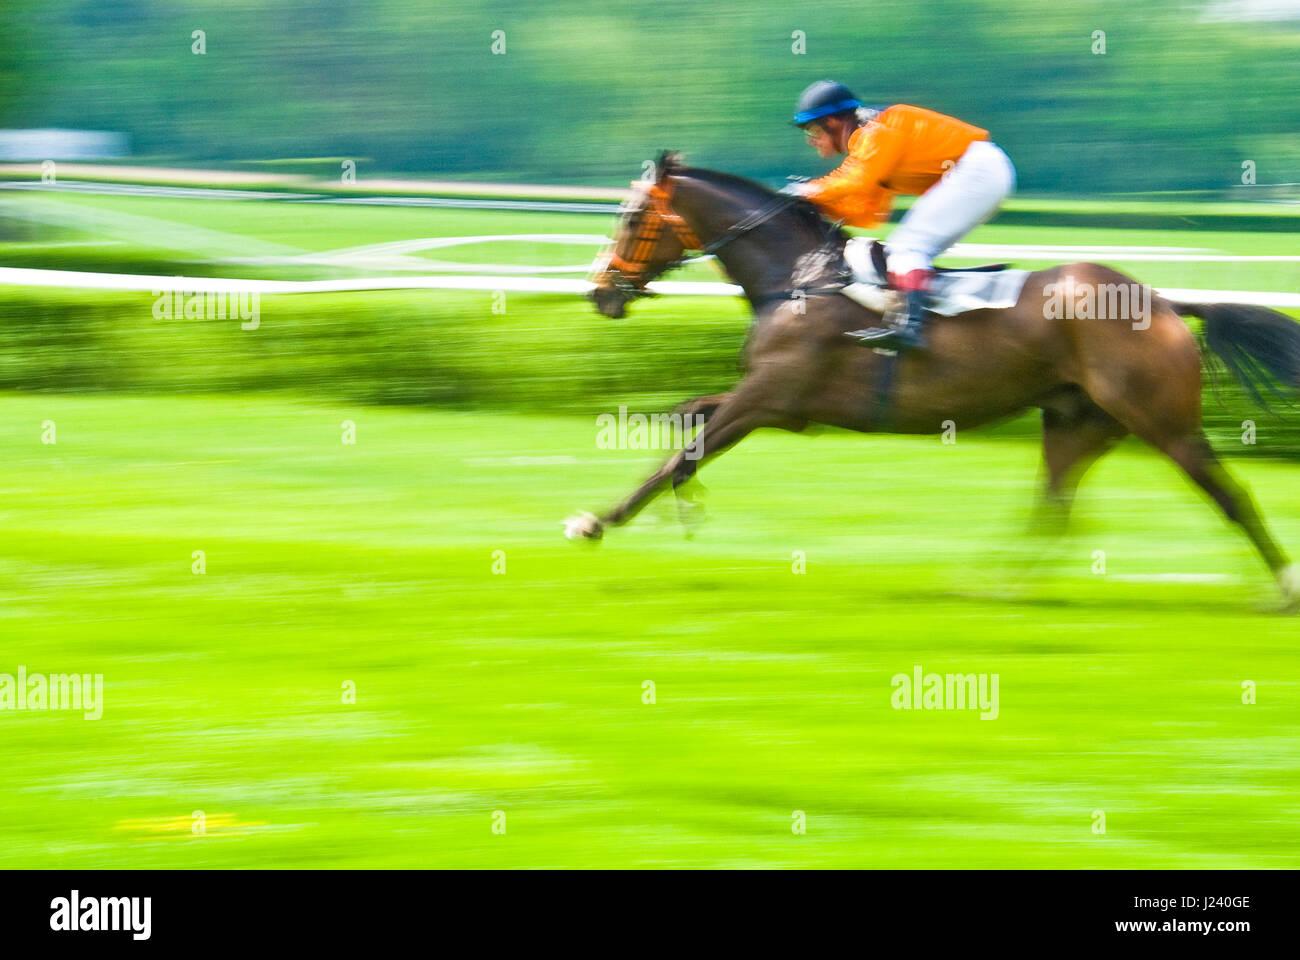 Pferderennen-Finish mit dem siegreichen Pferd und jockey Stockbild